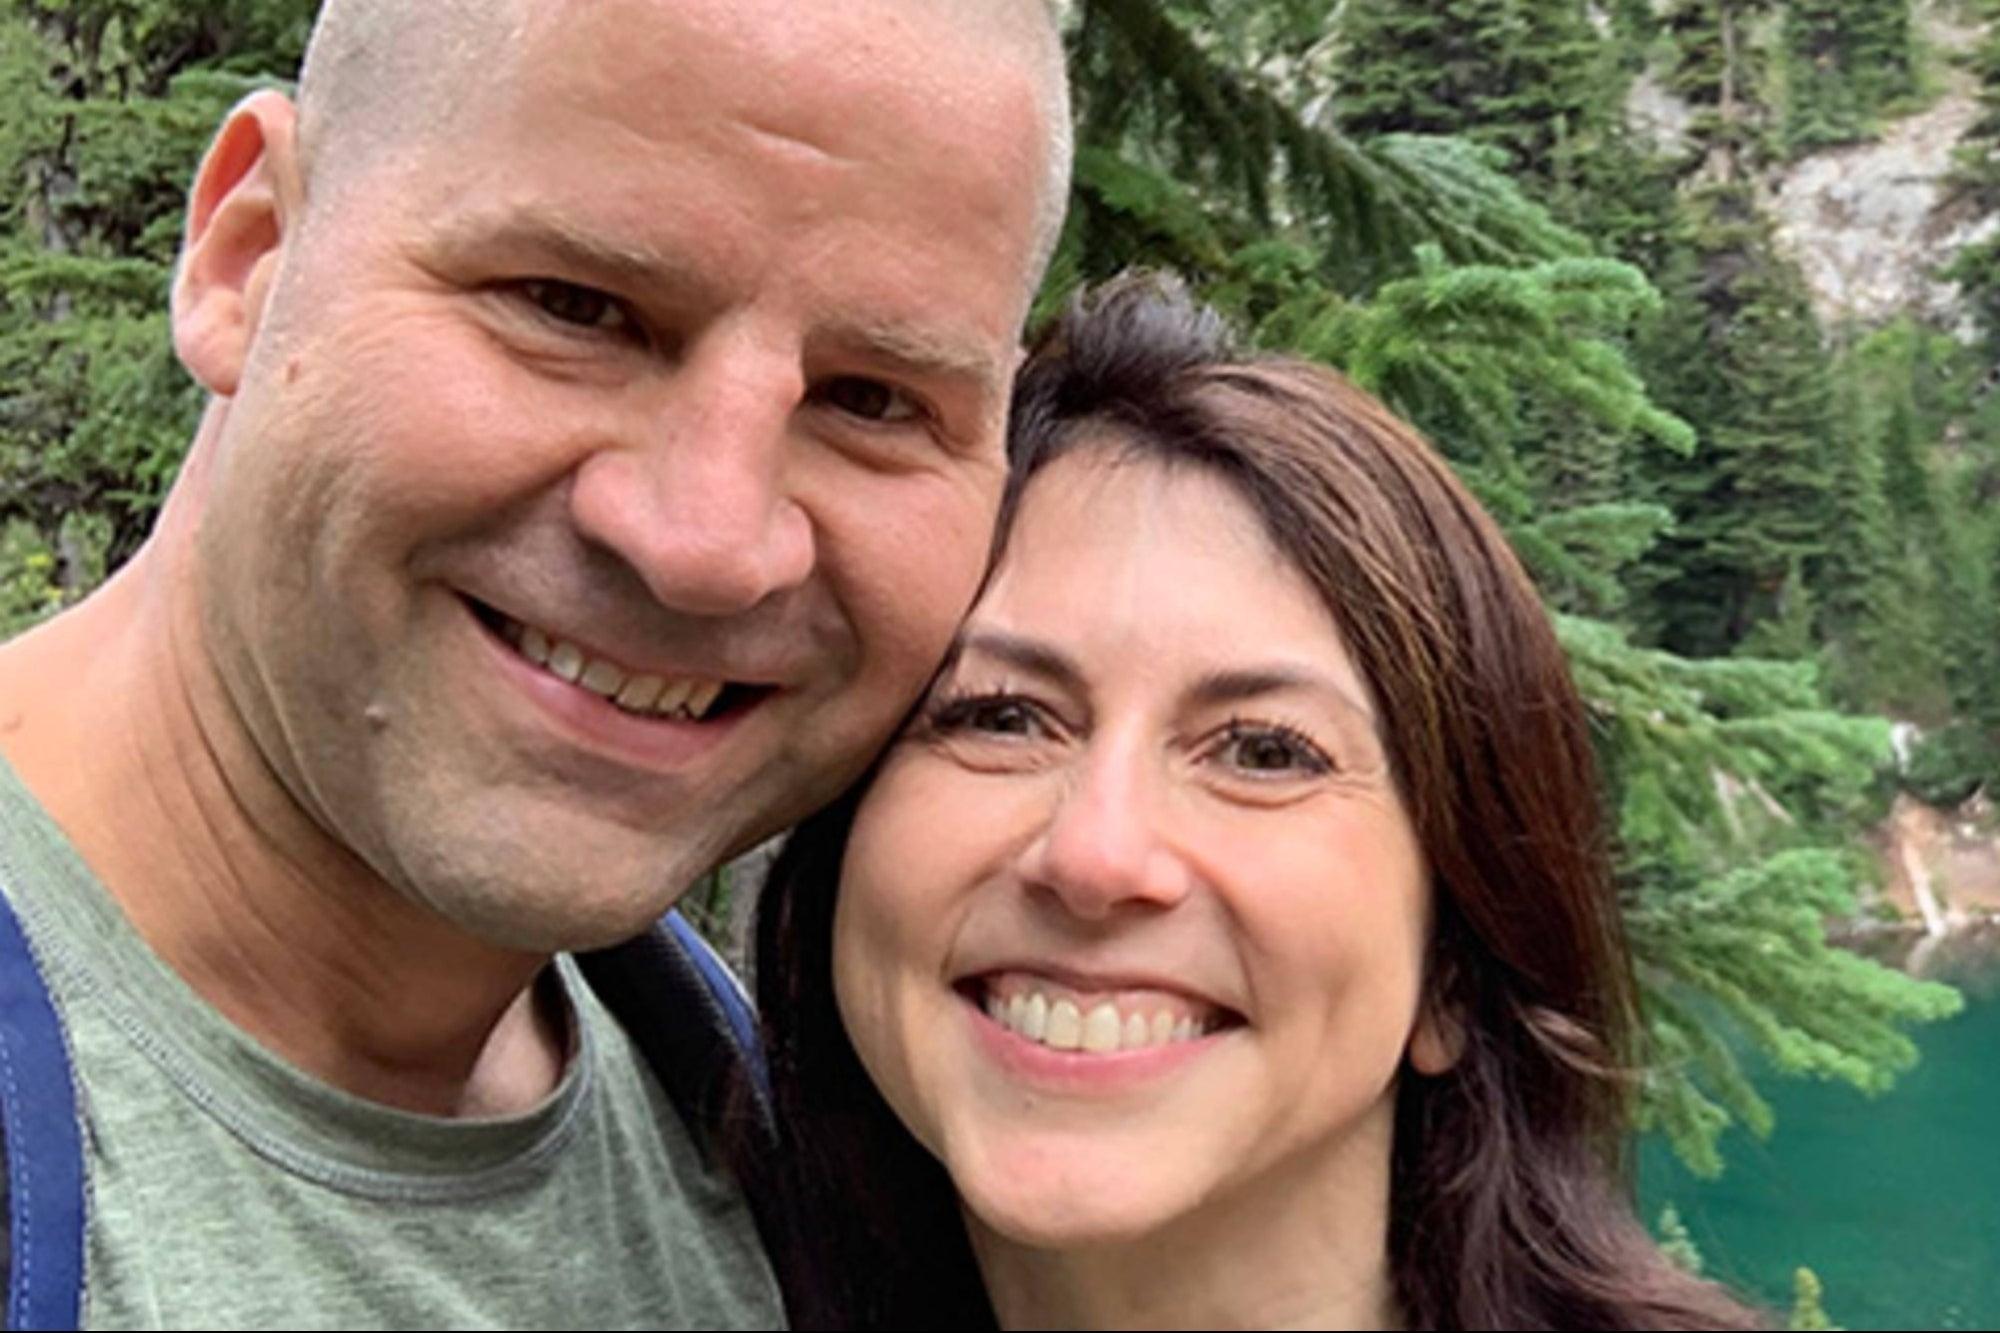 MacKenzie Scott marries a Seattle school science teacher